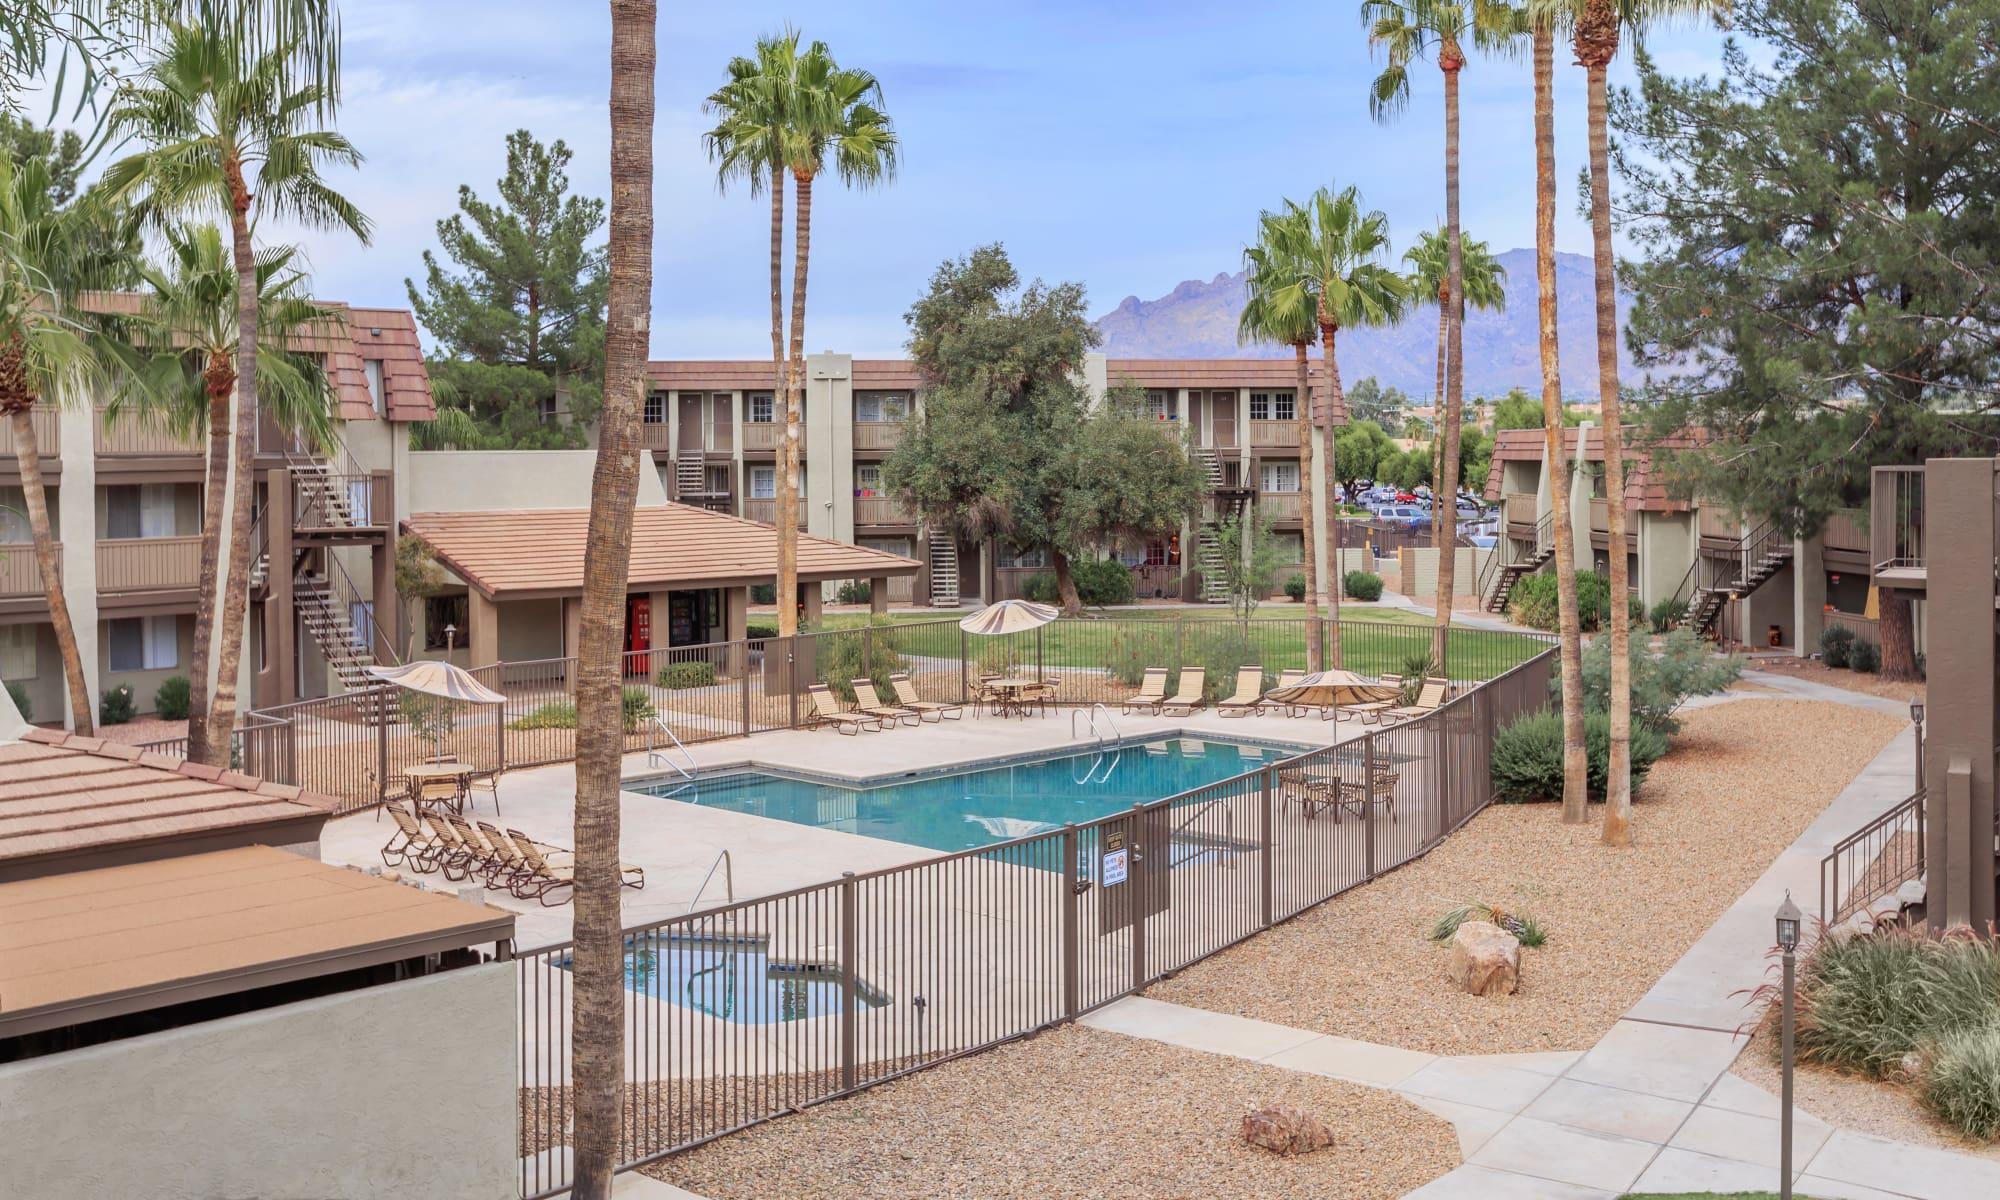 Verde Apartments in Tucson, Arizona